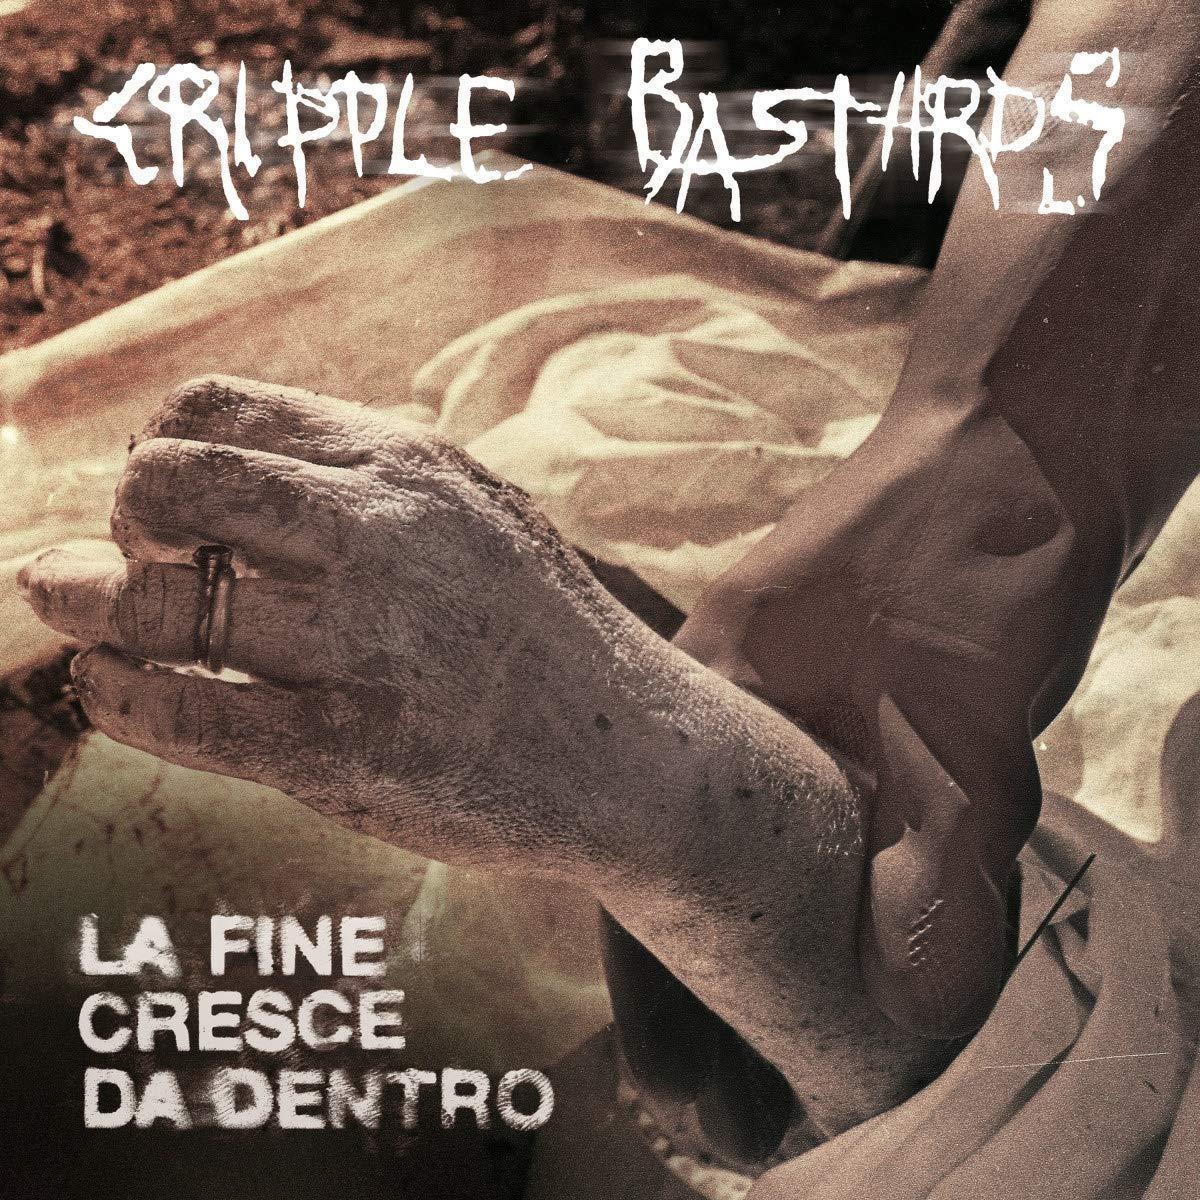 CRIPPLE BASTARDS - LA FINE CRESCE DA DENTRO (LP)